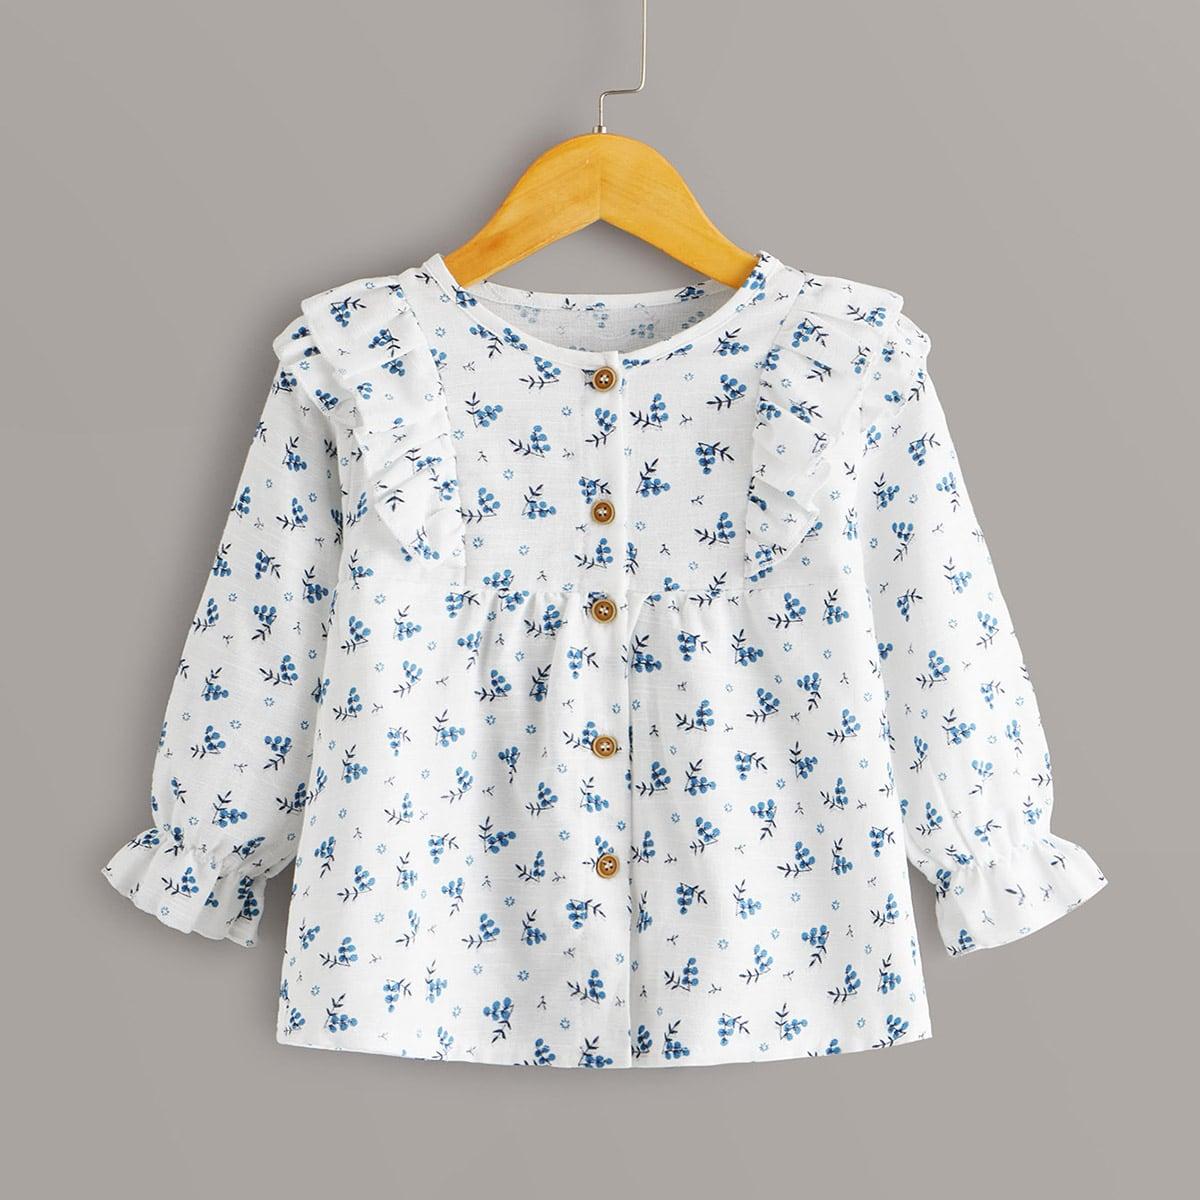 Блуза с пуговицами, оборками и принтом растения для девочек